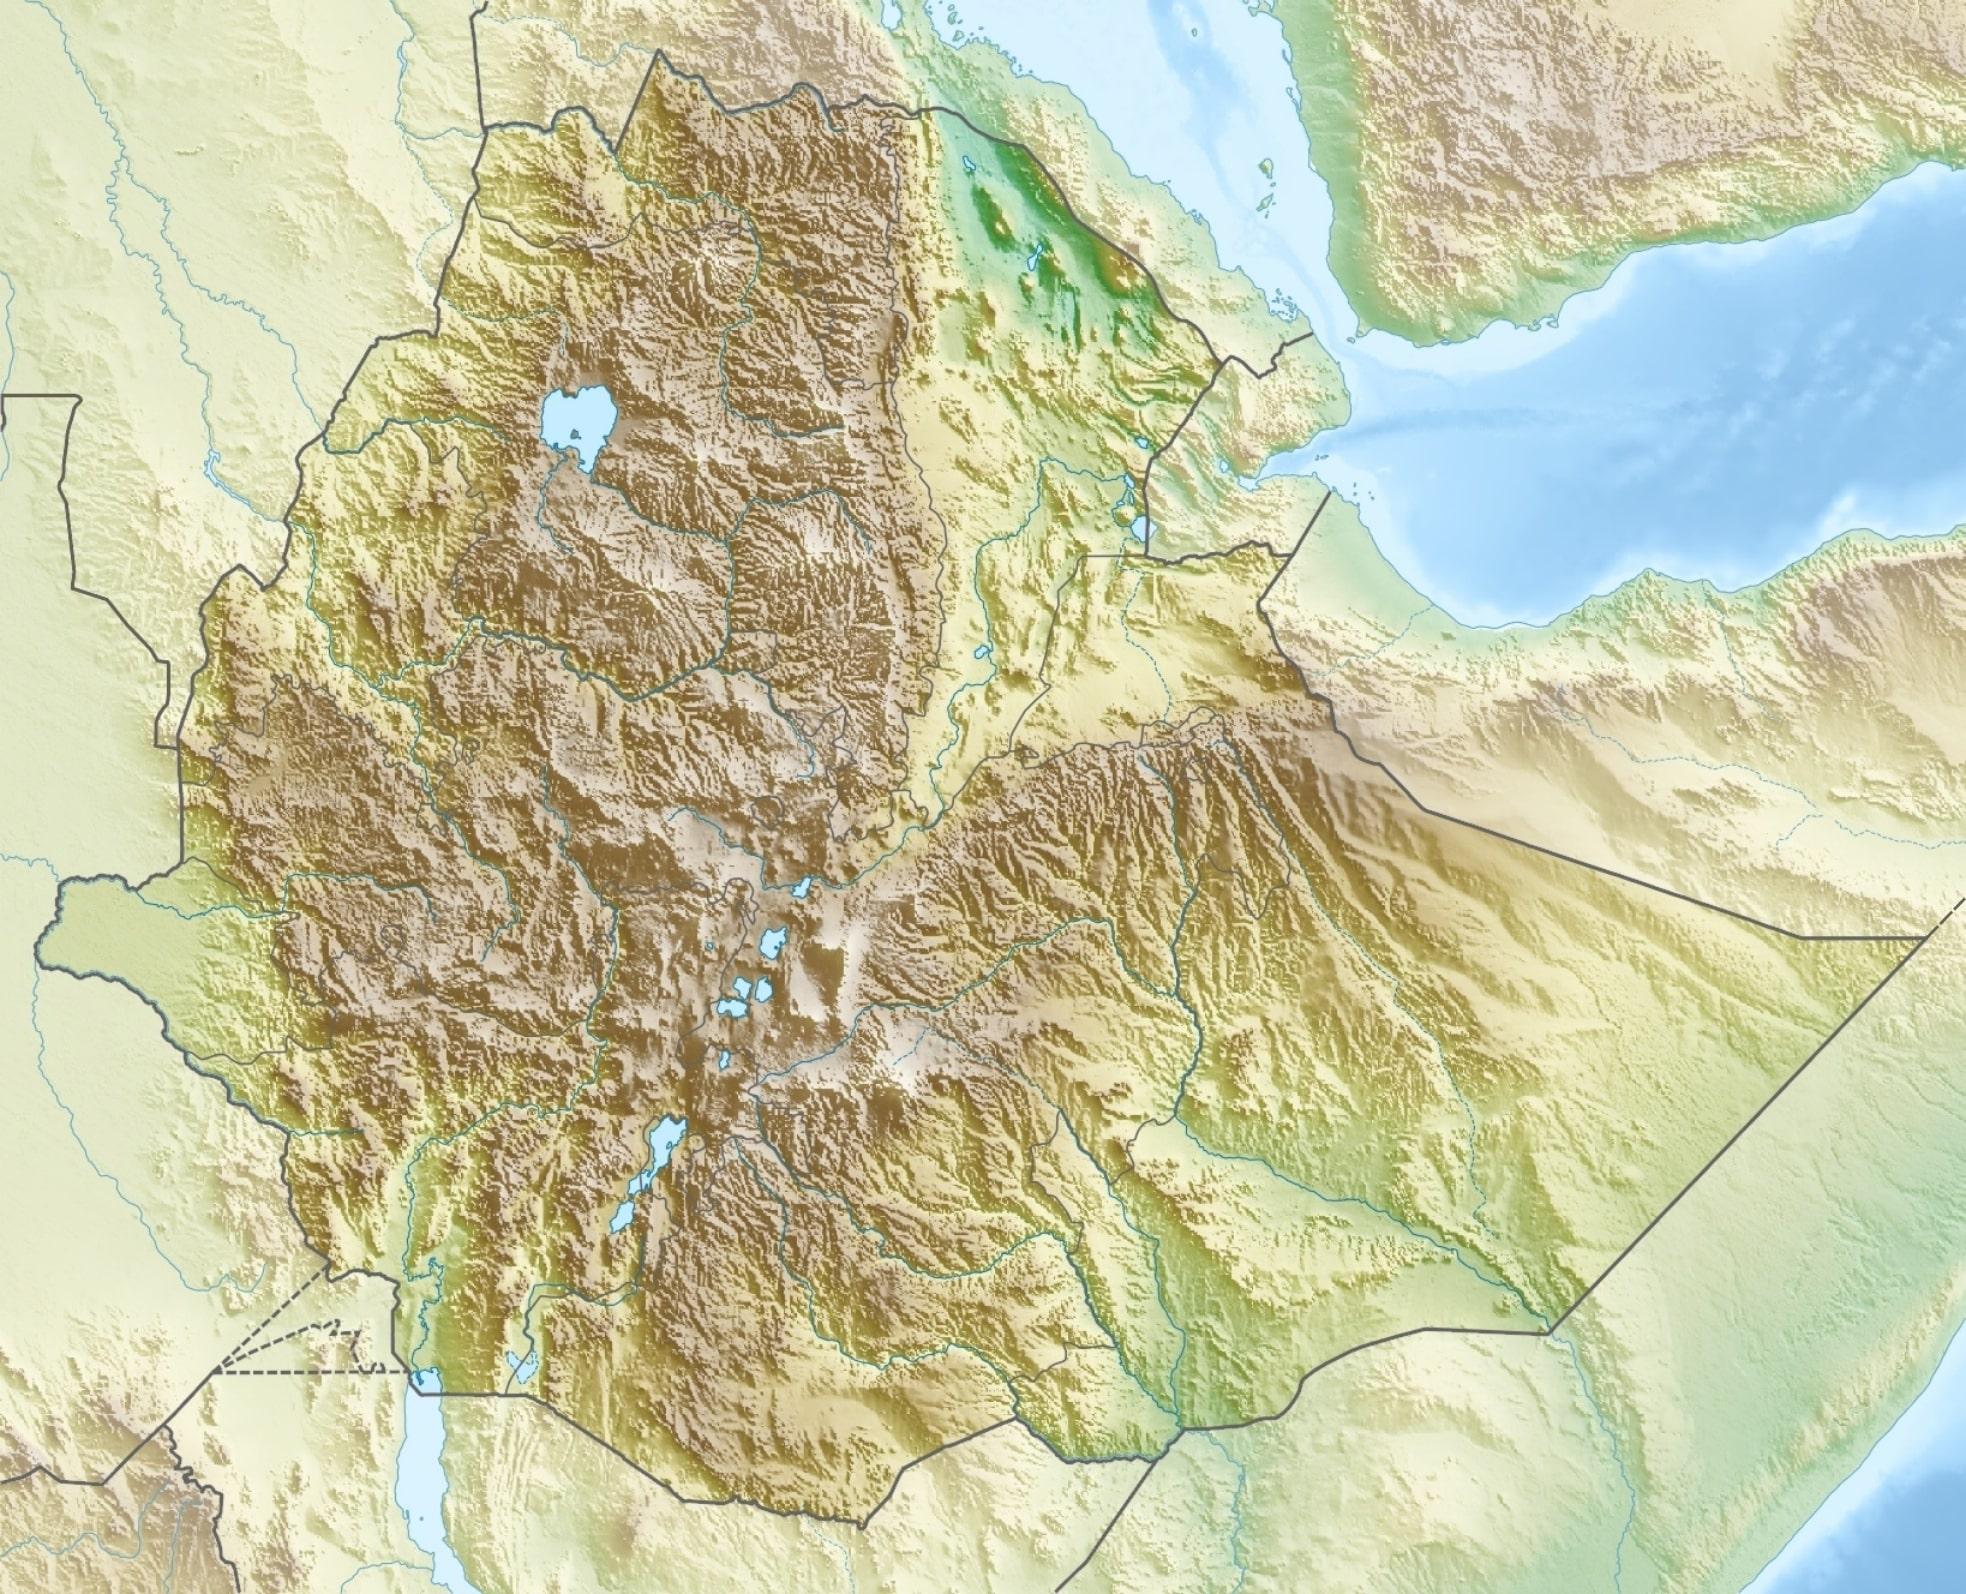 Wood River Il Elevation : Hochland von abessinien wikipedia